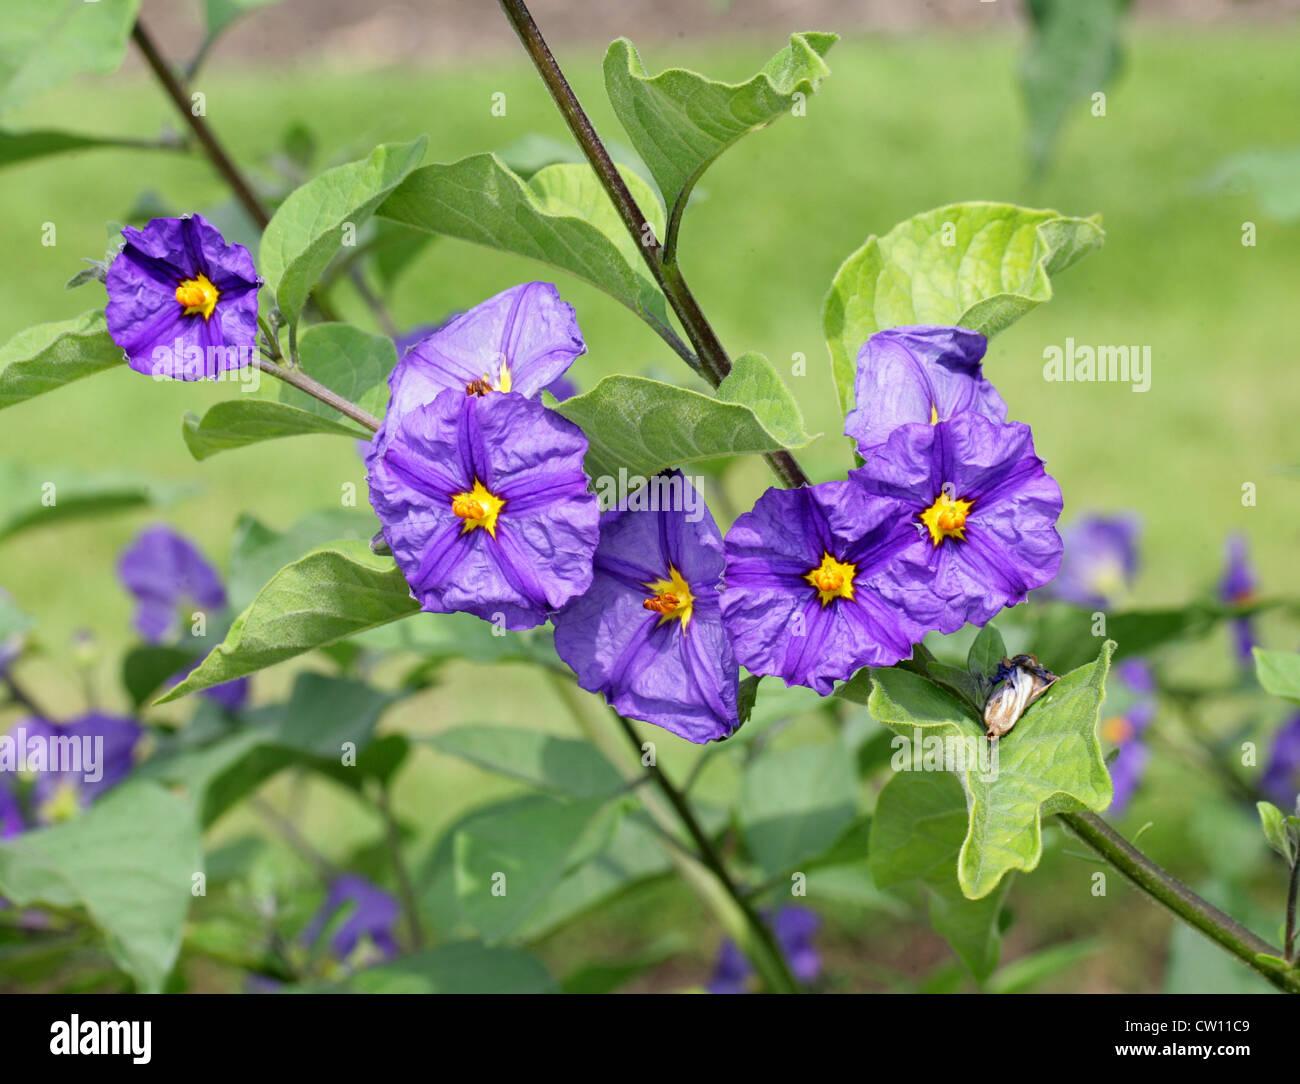 Paraguay Nightshade aka Blue Potato Bush, Solanum rantonnetii, Solanaceae - Stock Image